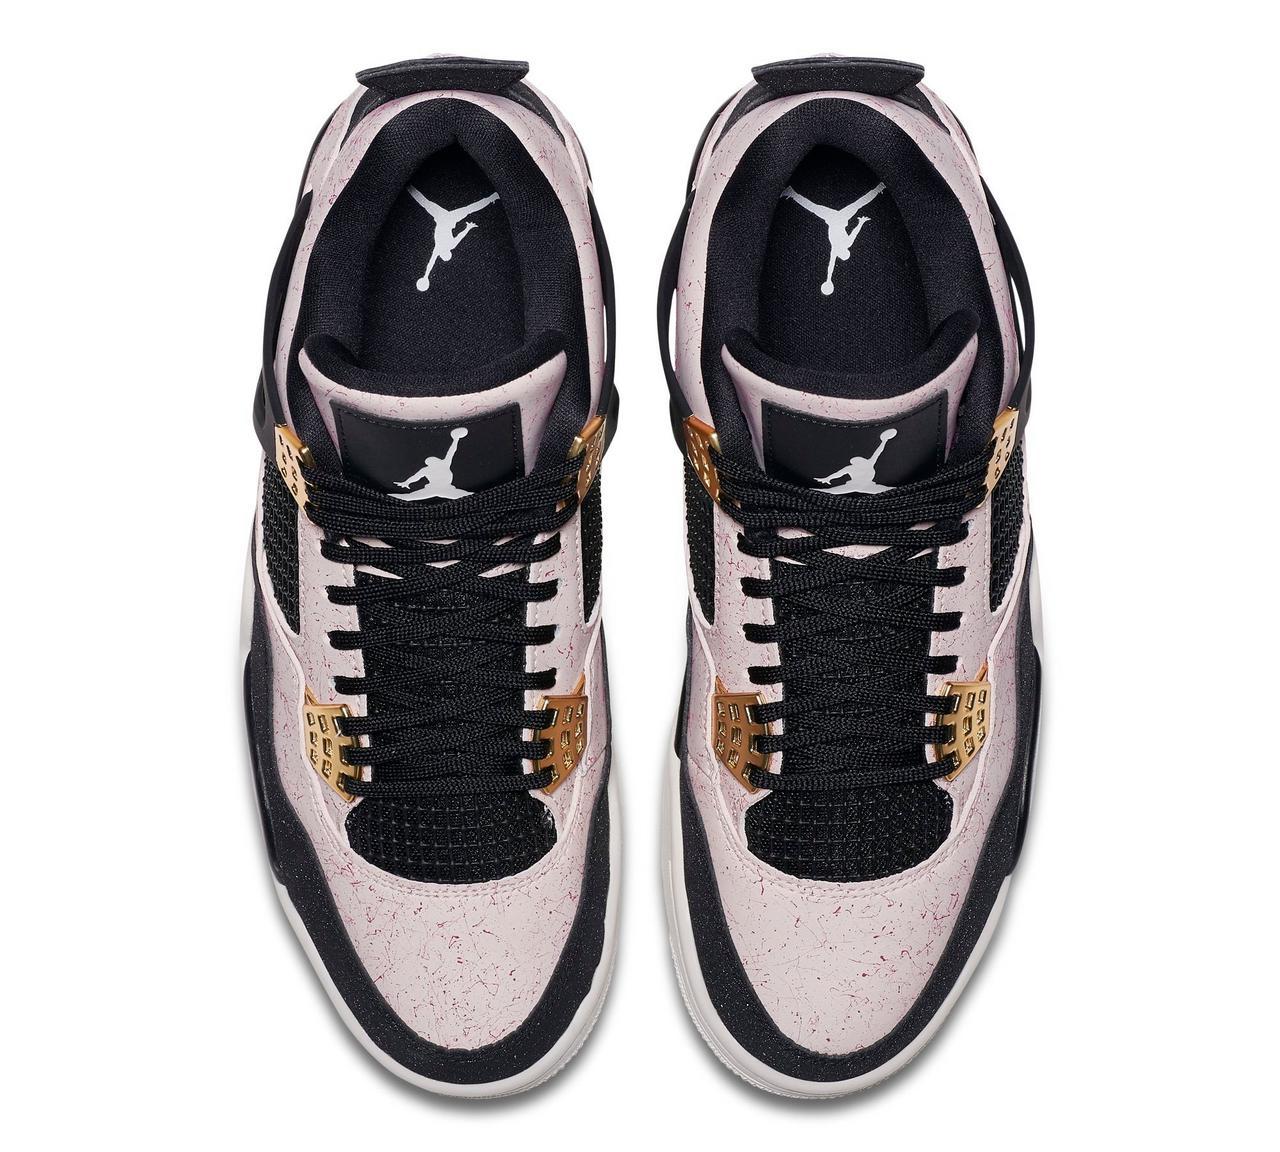 newest 90816 13809 Sneaker Release: Jordan Retro 4